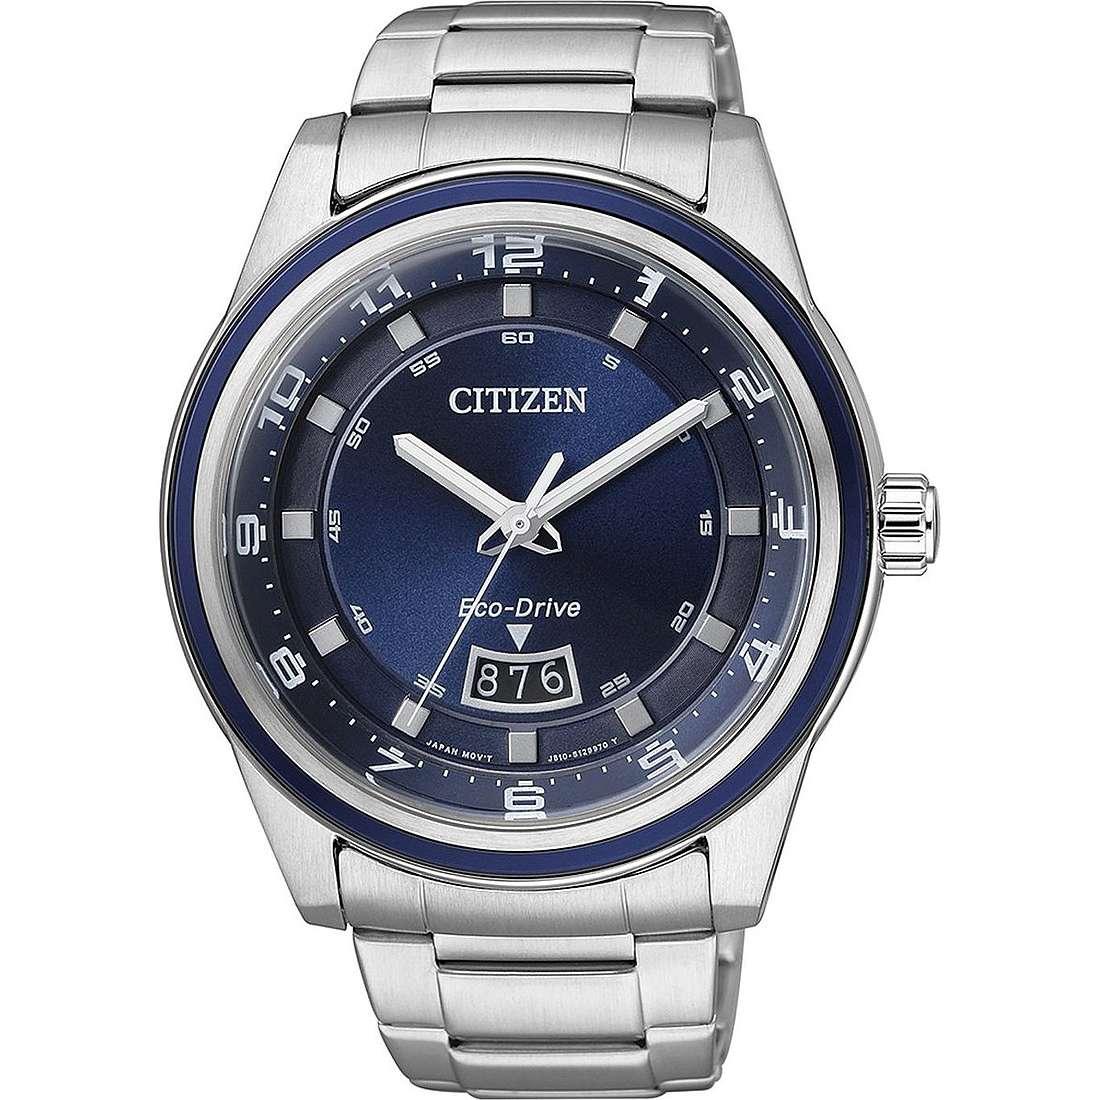 montre multifonction homme Citizen Eco-Drive AW1276-50L